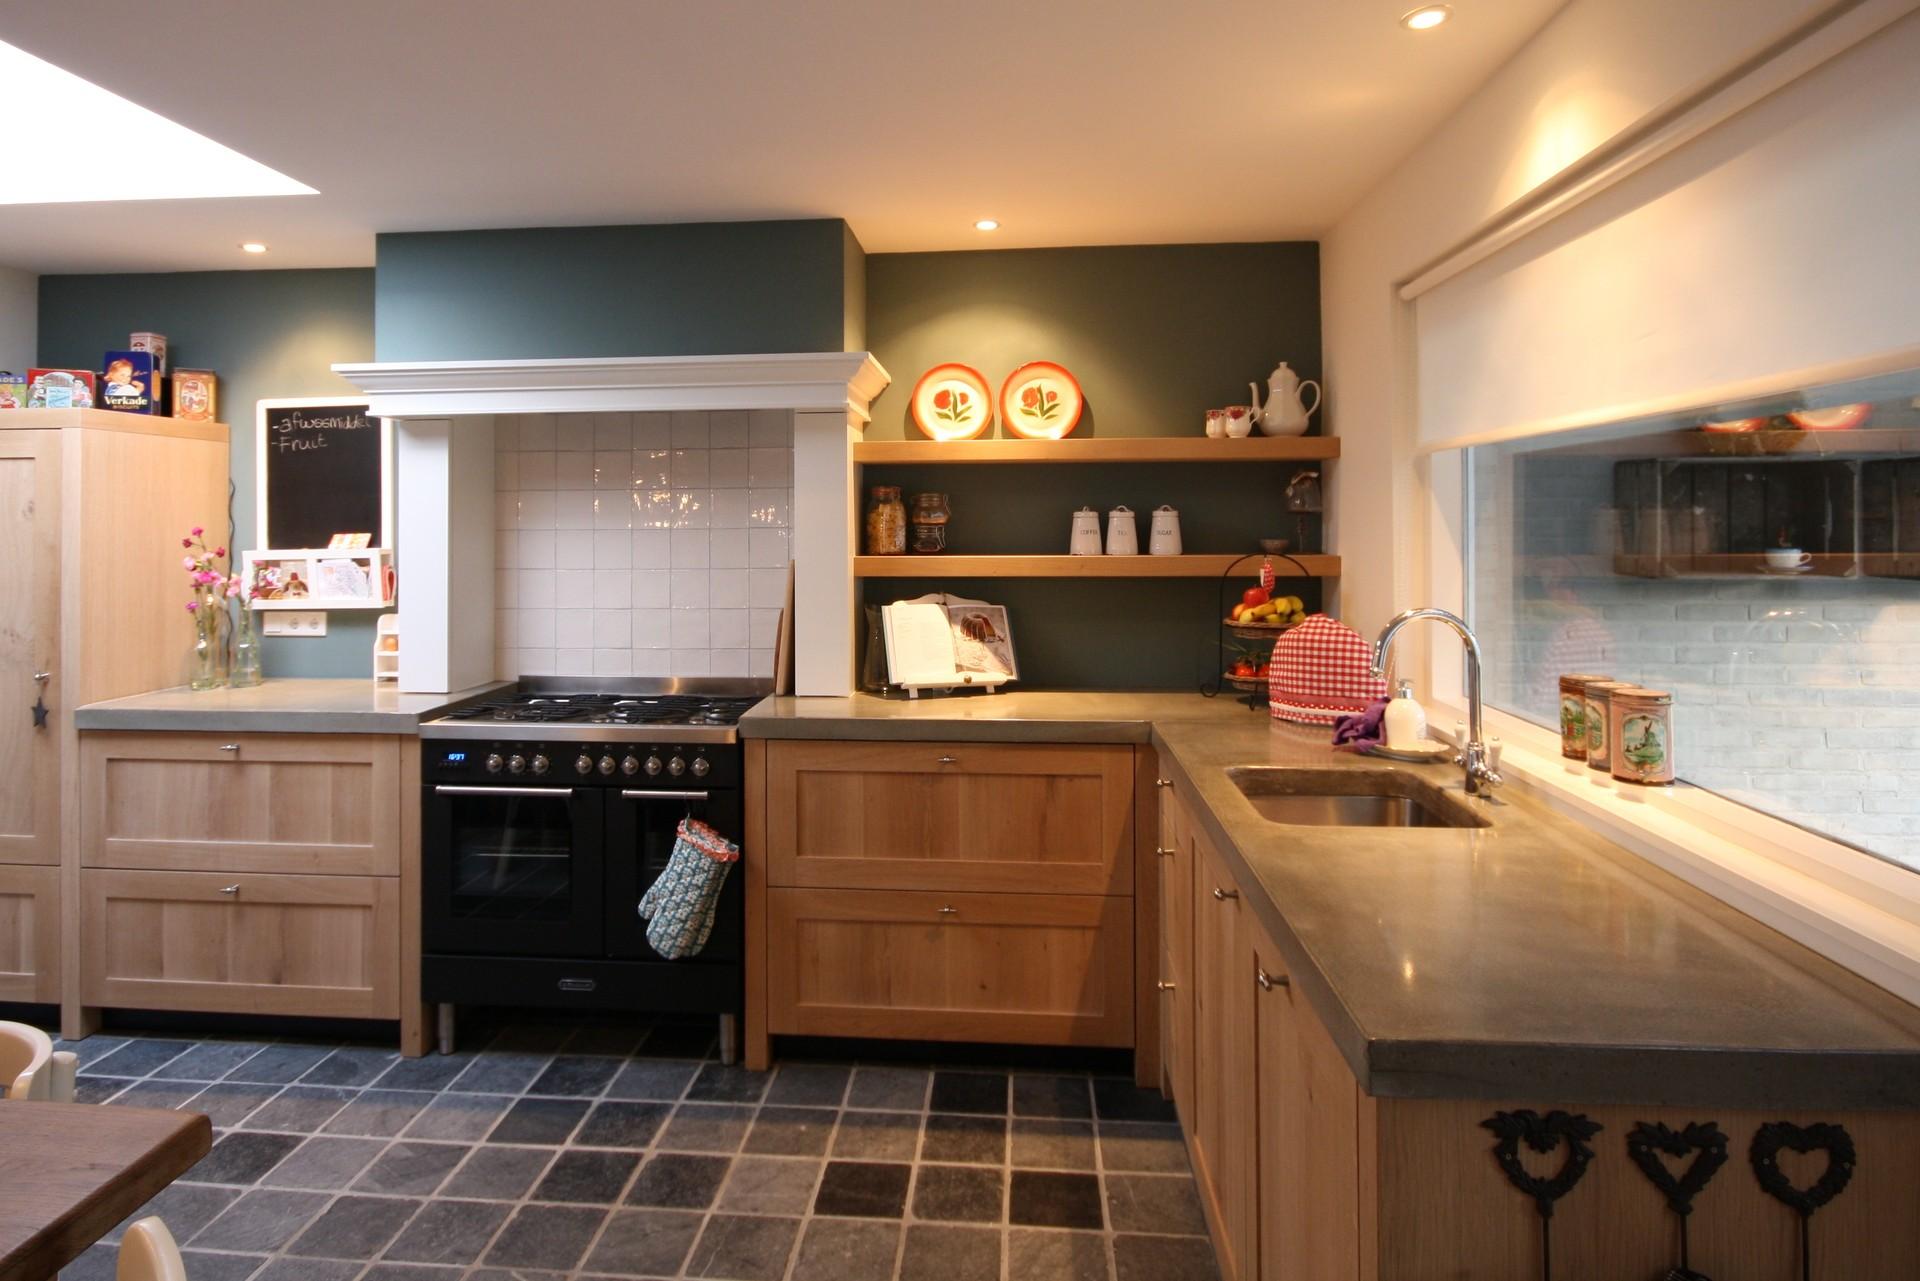 Inspiratie voor modern landelijke keukens maatwerk interieurbouw van deko - Open keukeninrichting ...